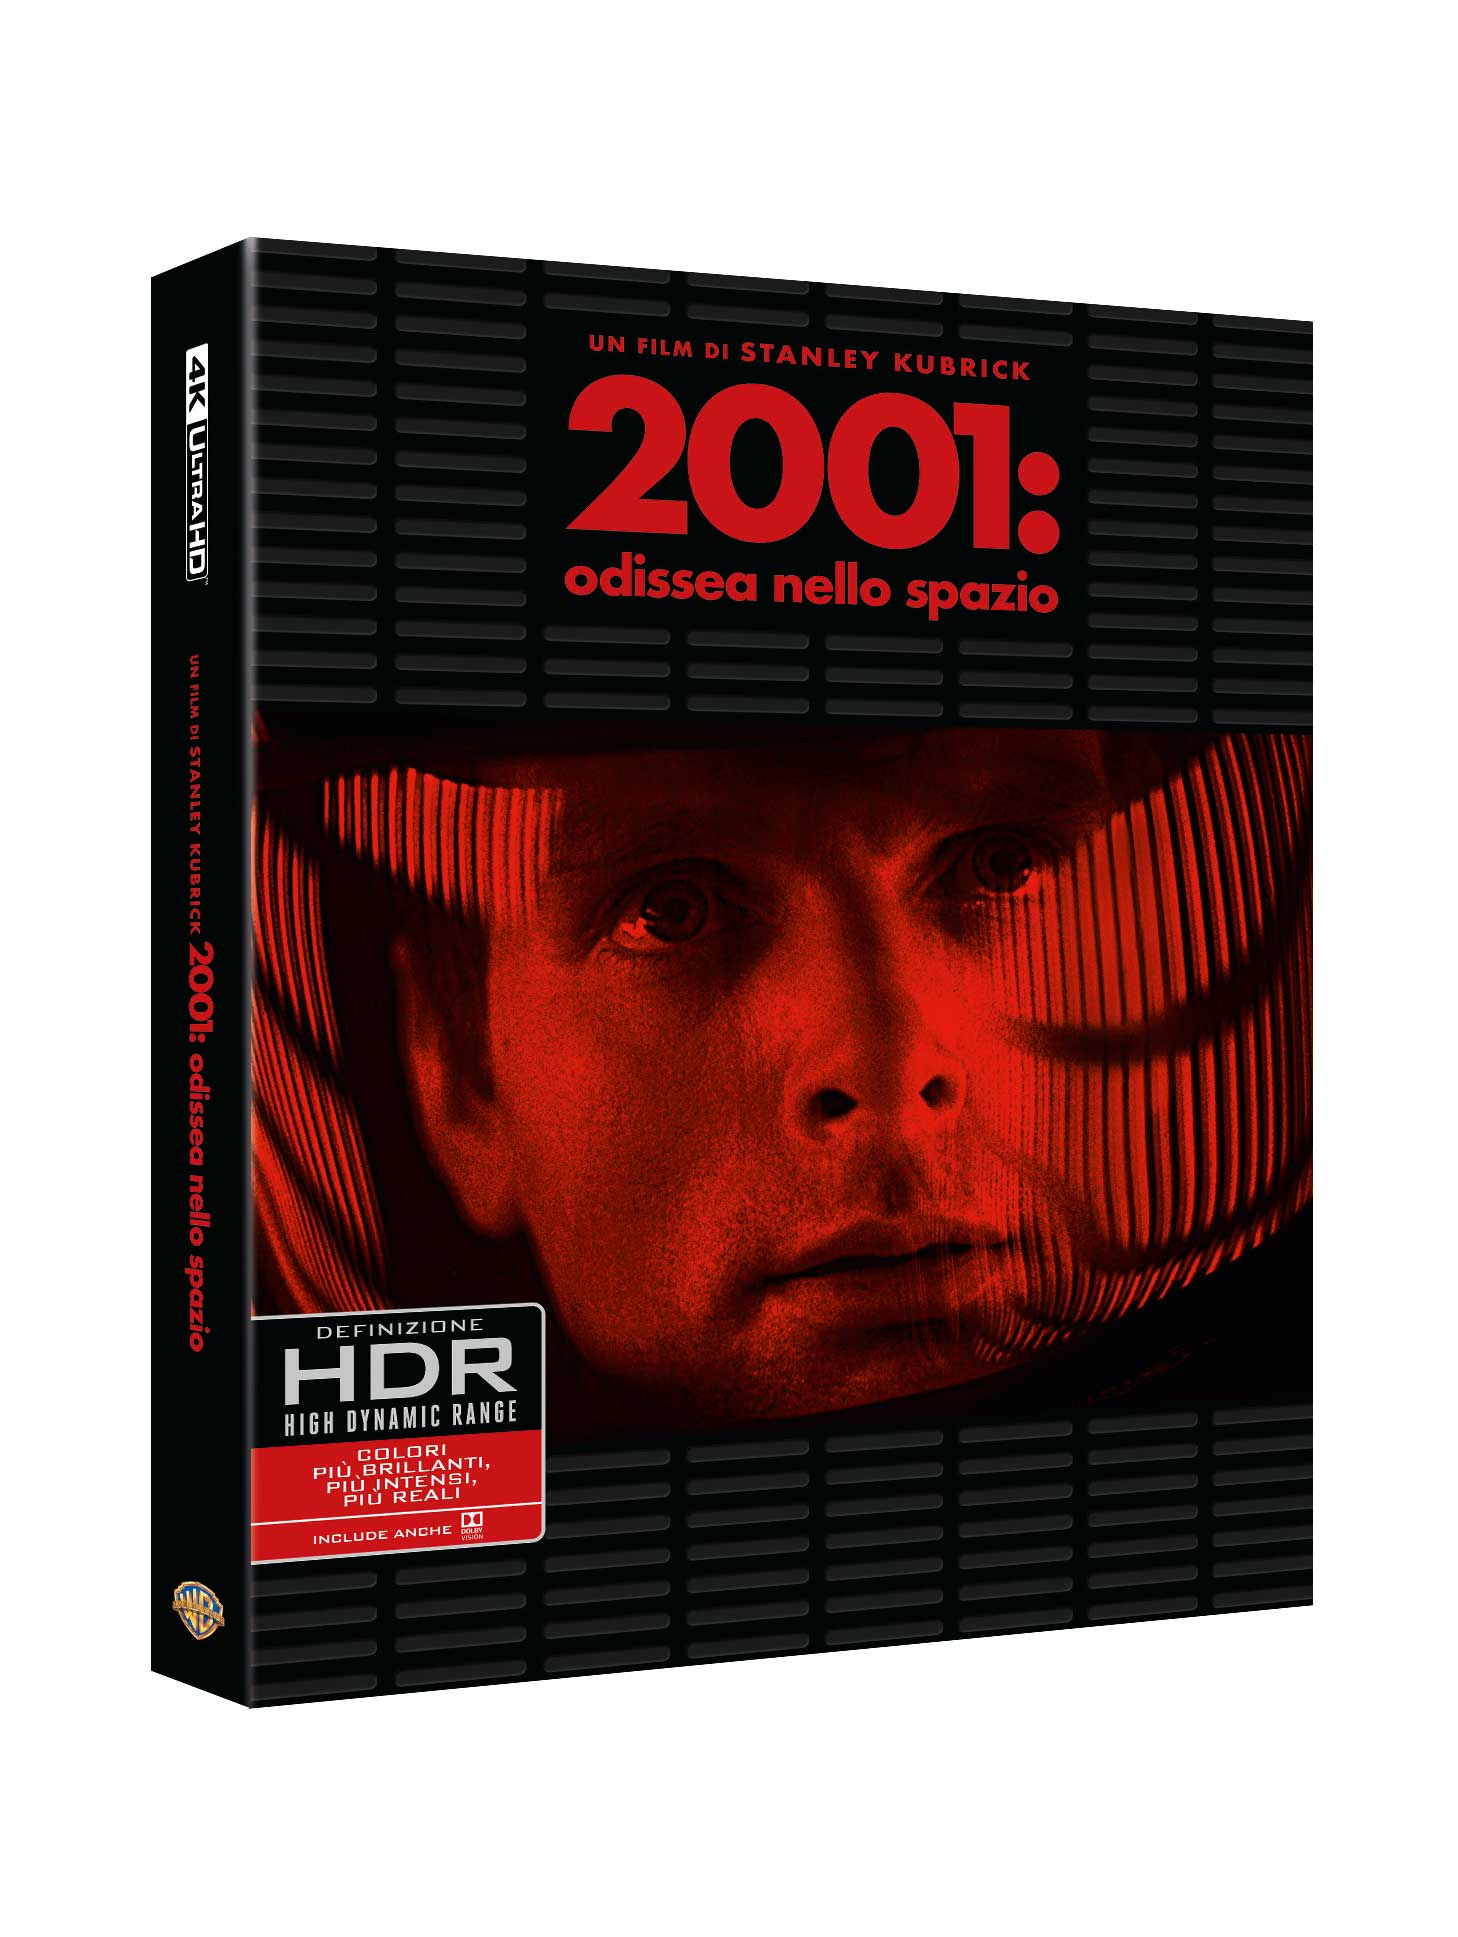 2001 ODISSEA NELLO SPAZIO (BLU-RAY 4K ULTRA HD+2 BLU-RAY)